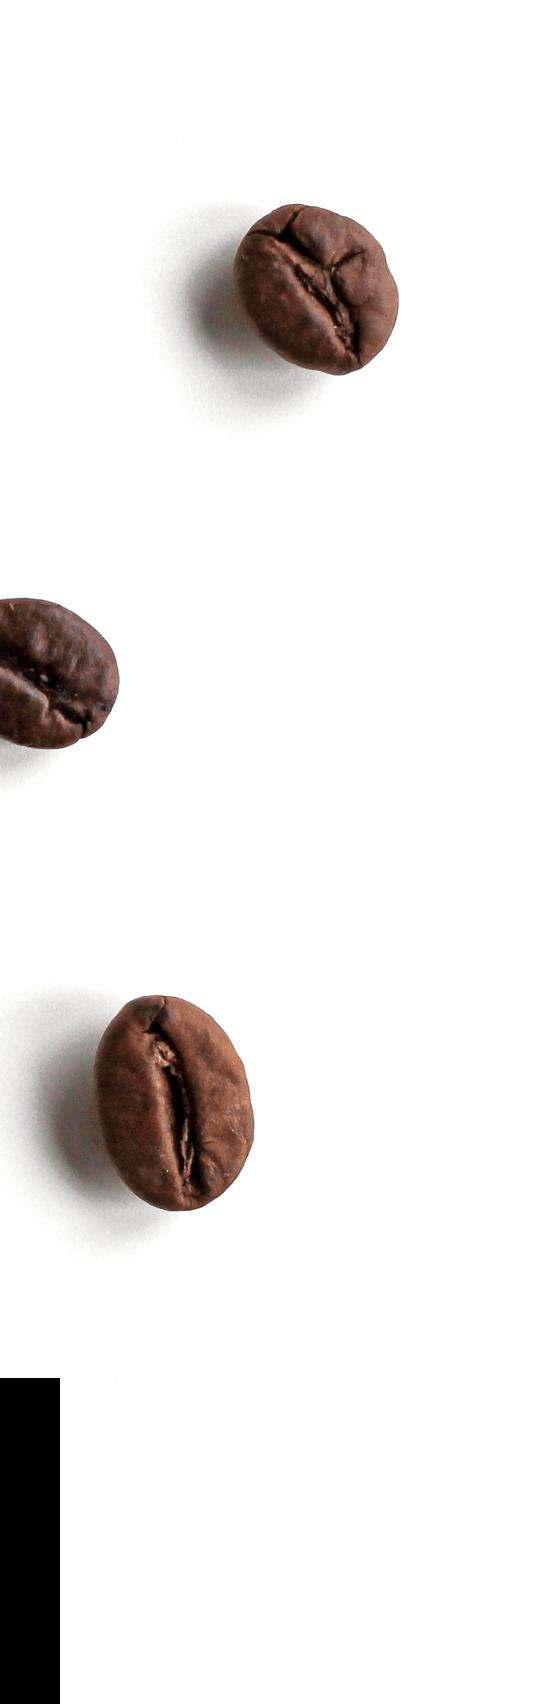 Coffee beans arabic